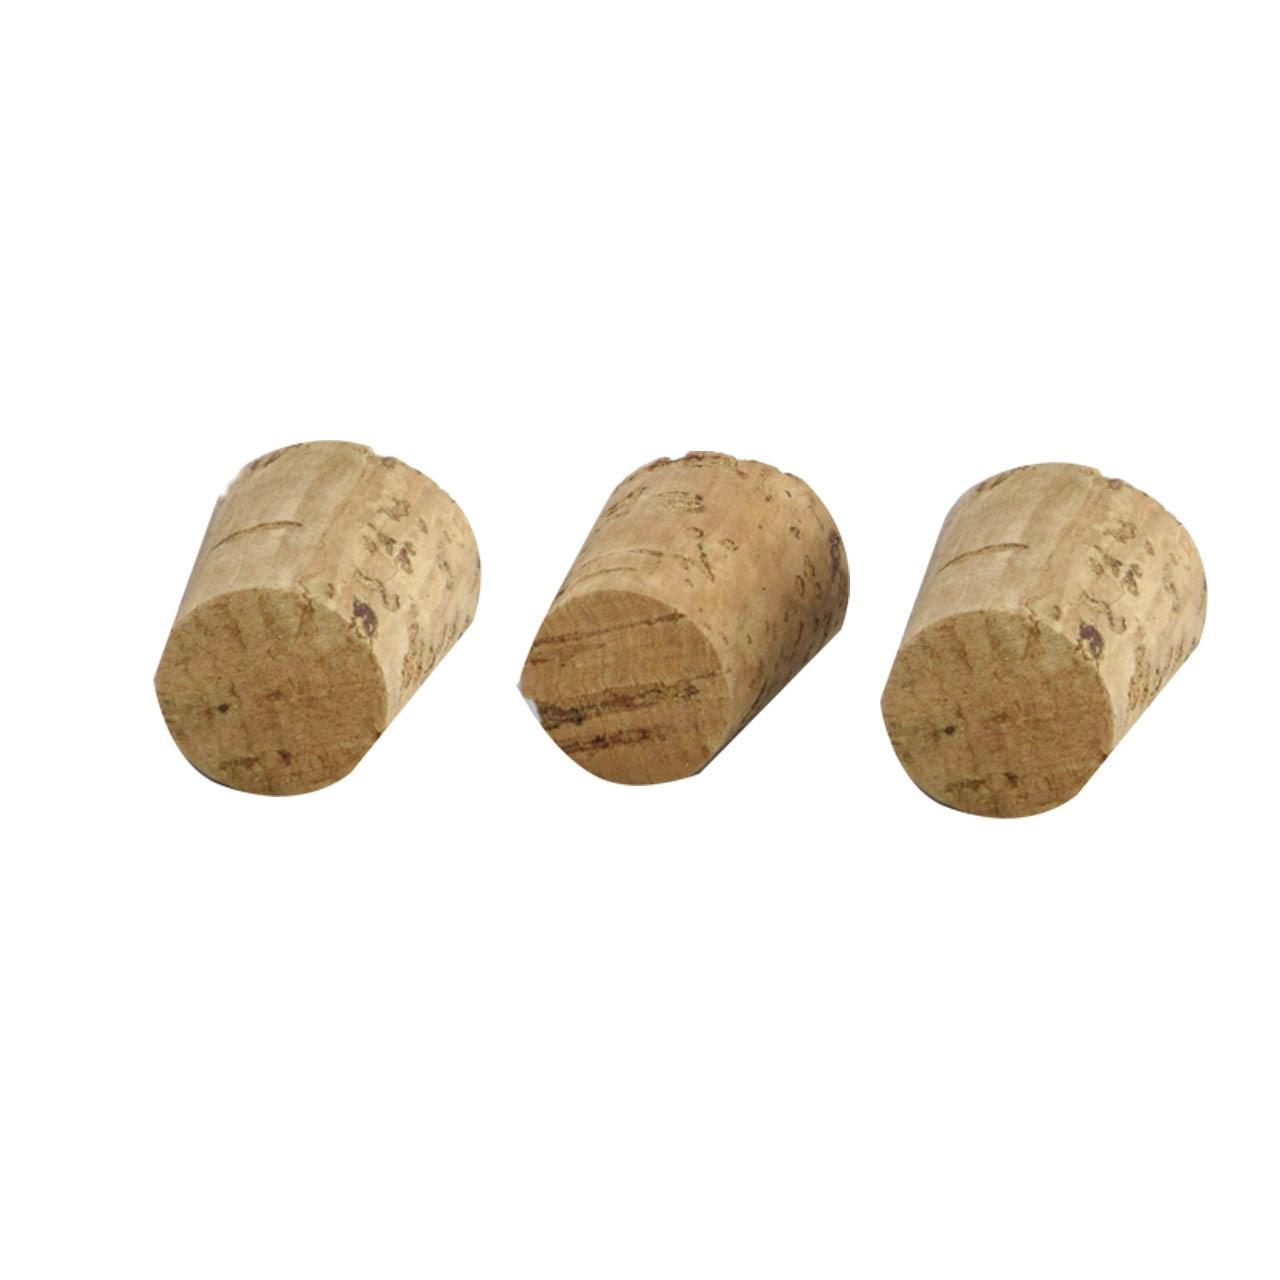 درب بطری چوب پنبه کوه شاپ مدل 7928 - A001 بسته 3 عددی